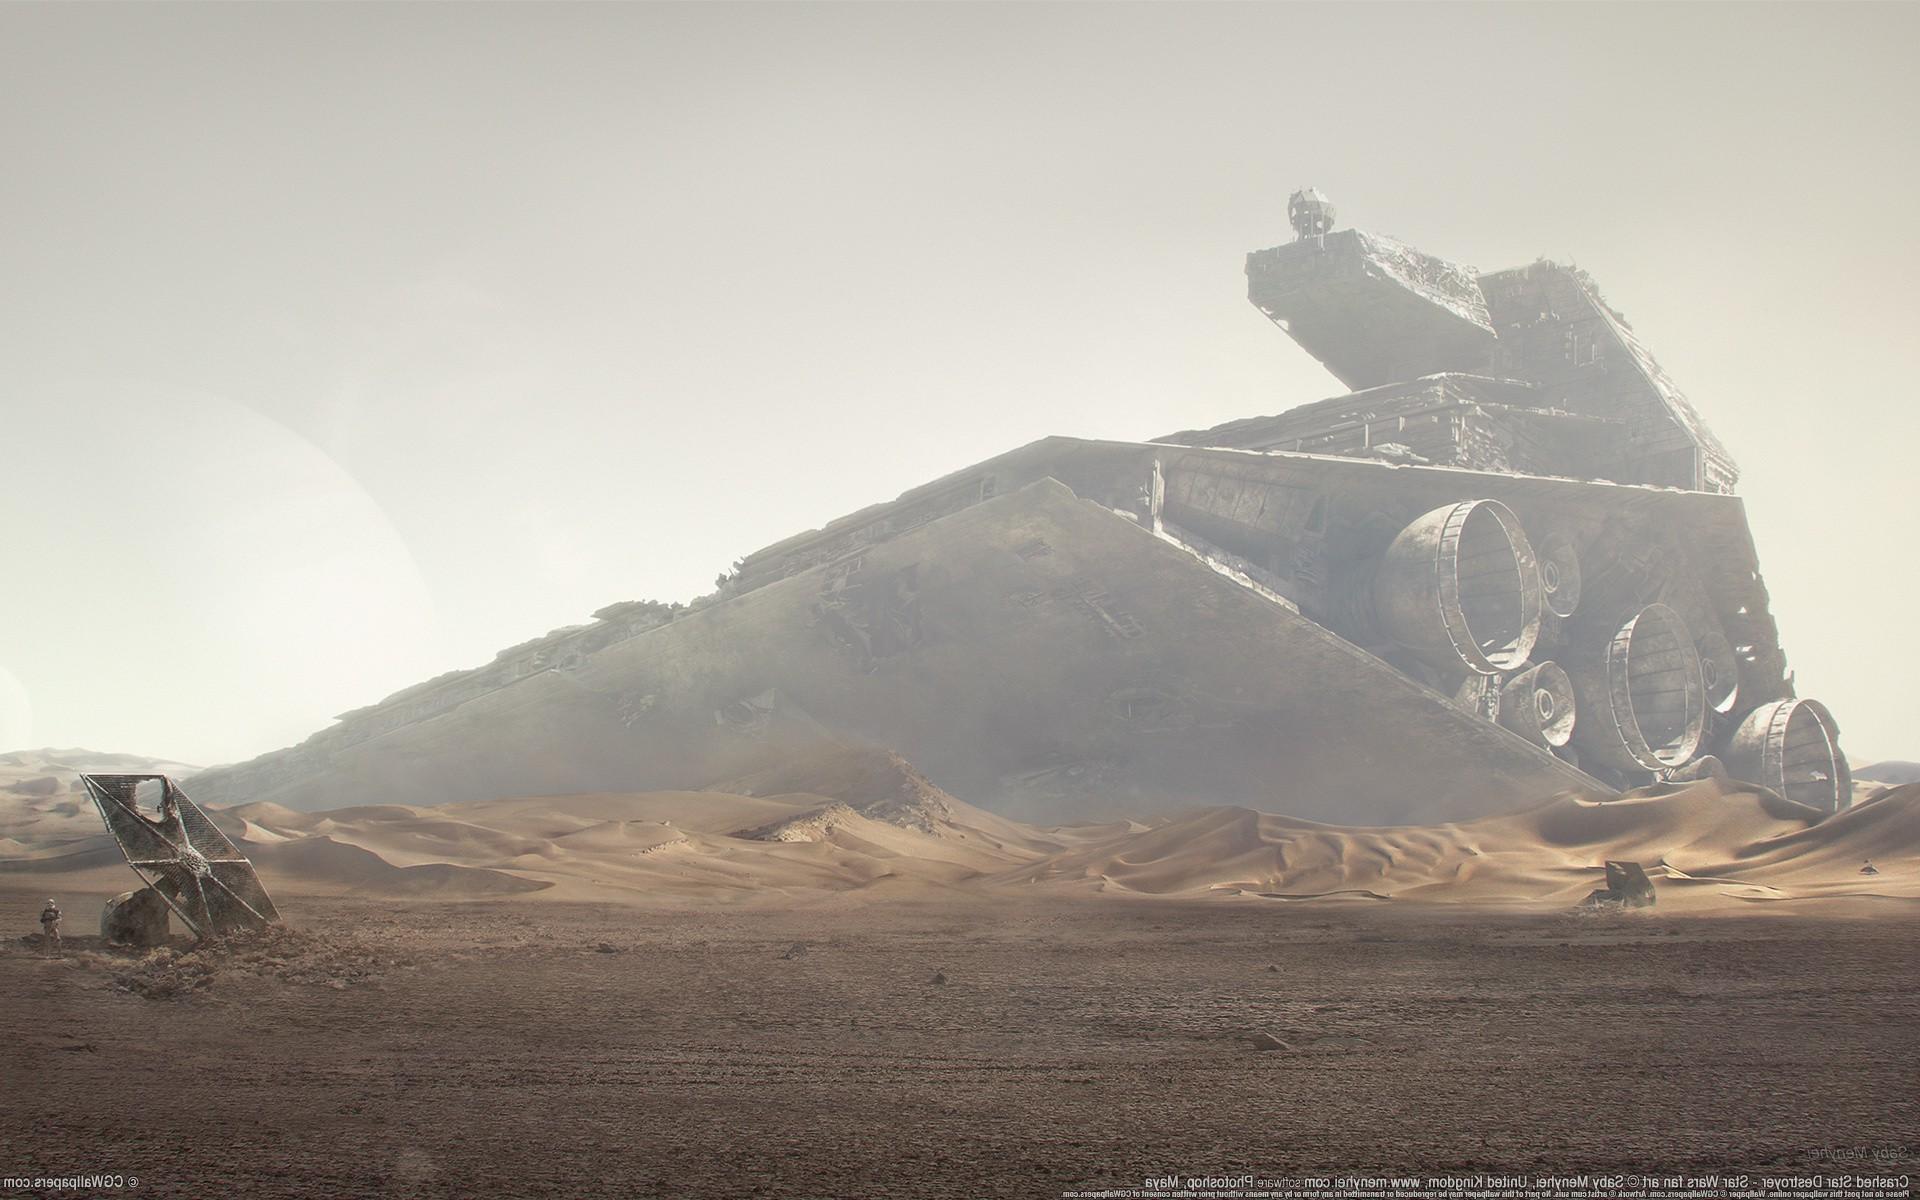 Star Wars Landscape Wallpaper (70+ images)